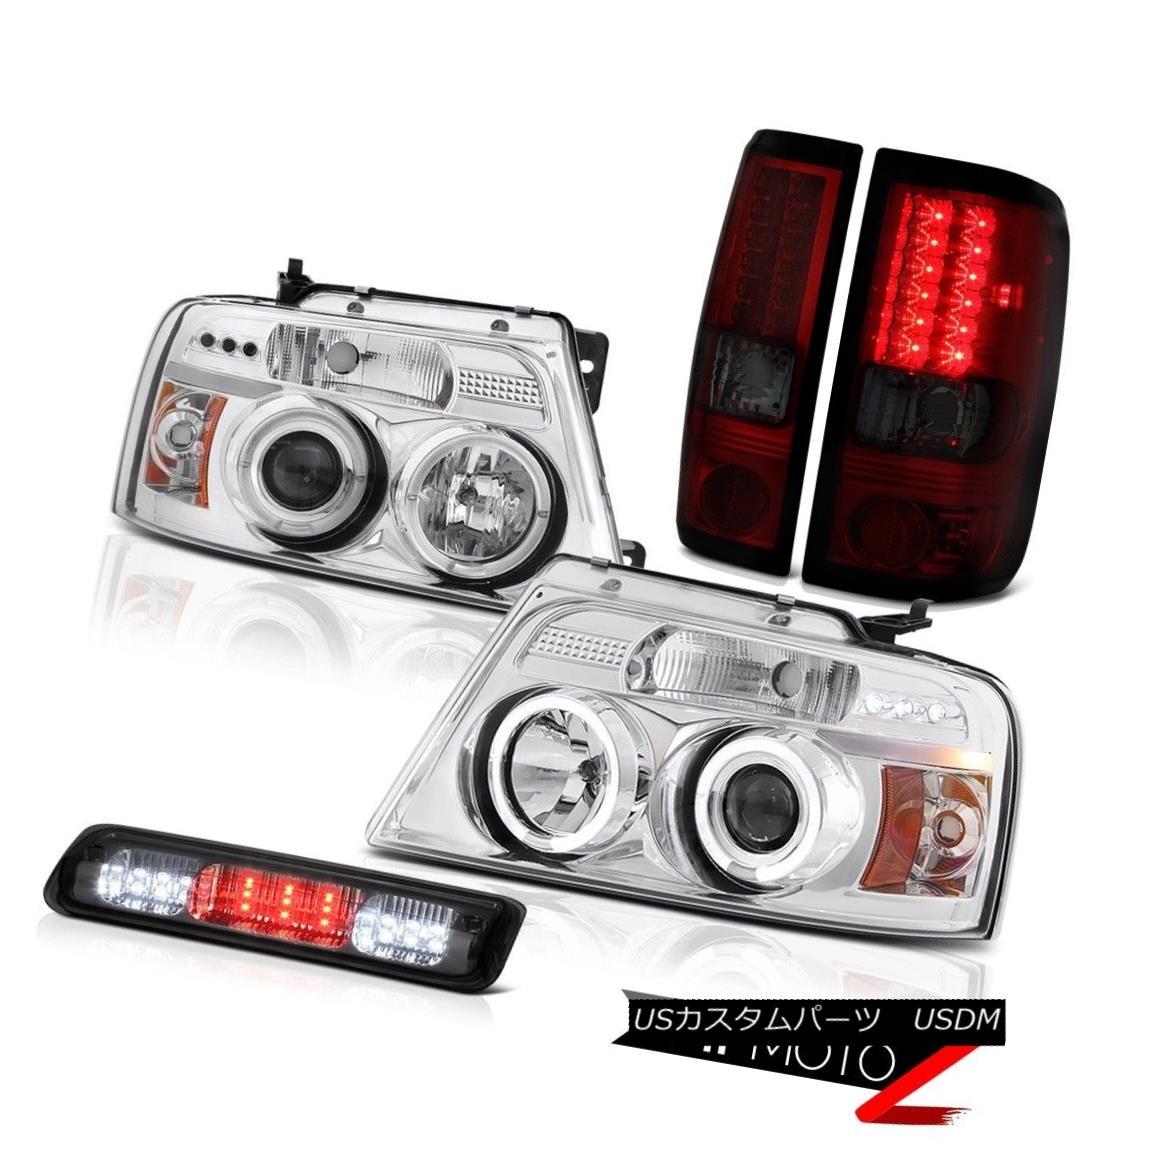 テールライト 04-08 Ford F150 STX 3rd Brake Lamp Headlamps Tail Lamps LED Angel Eyes Halo Ring 04-08 Ford F150 STX第3ブレーキランプヘッドランプテールランプLEDエンジェルアイズハローリング